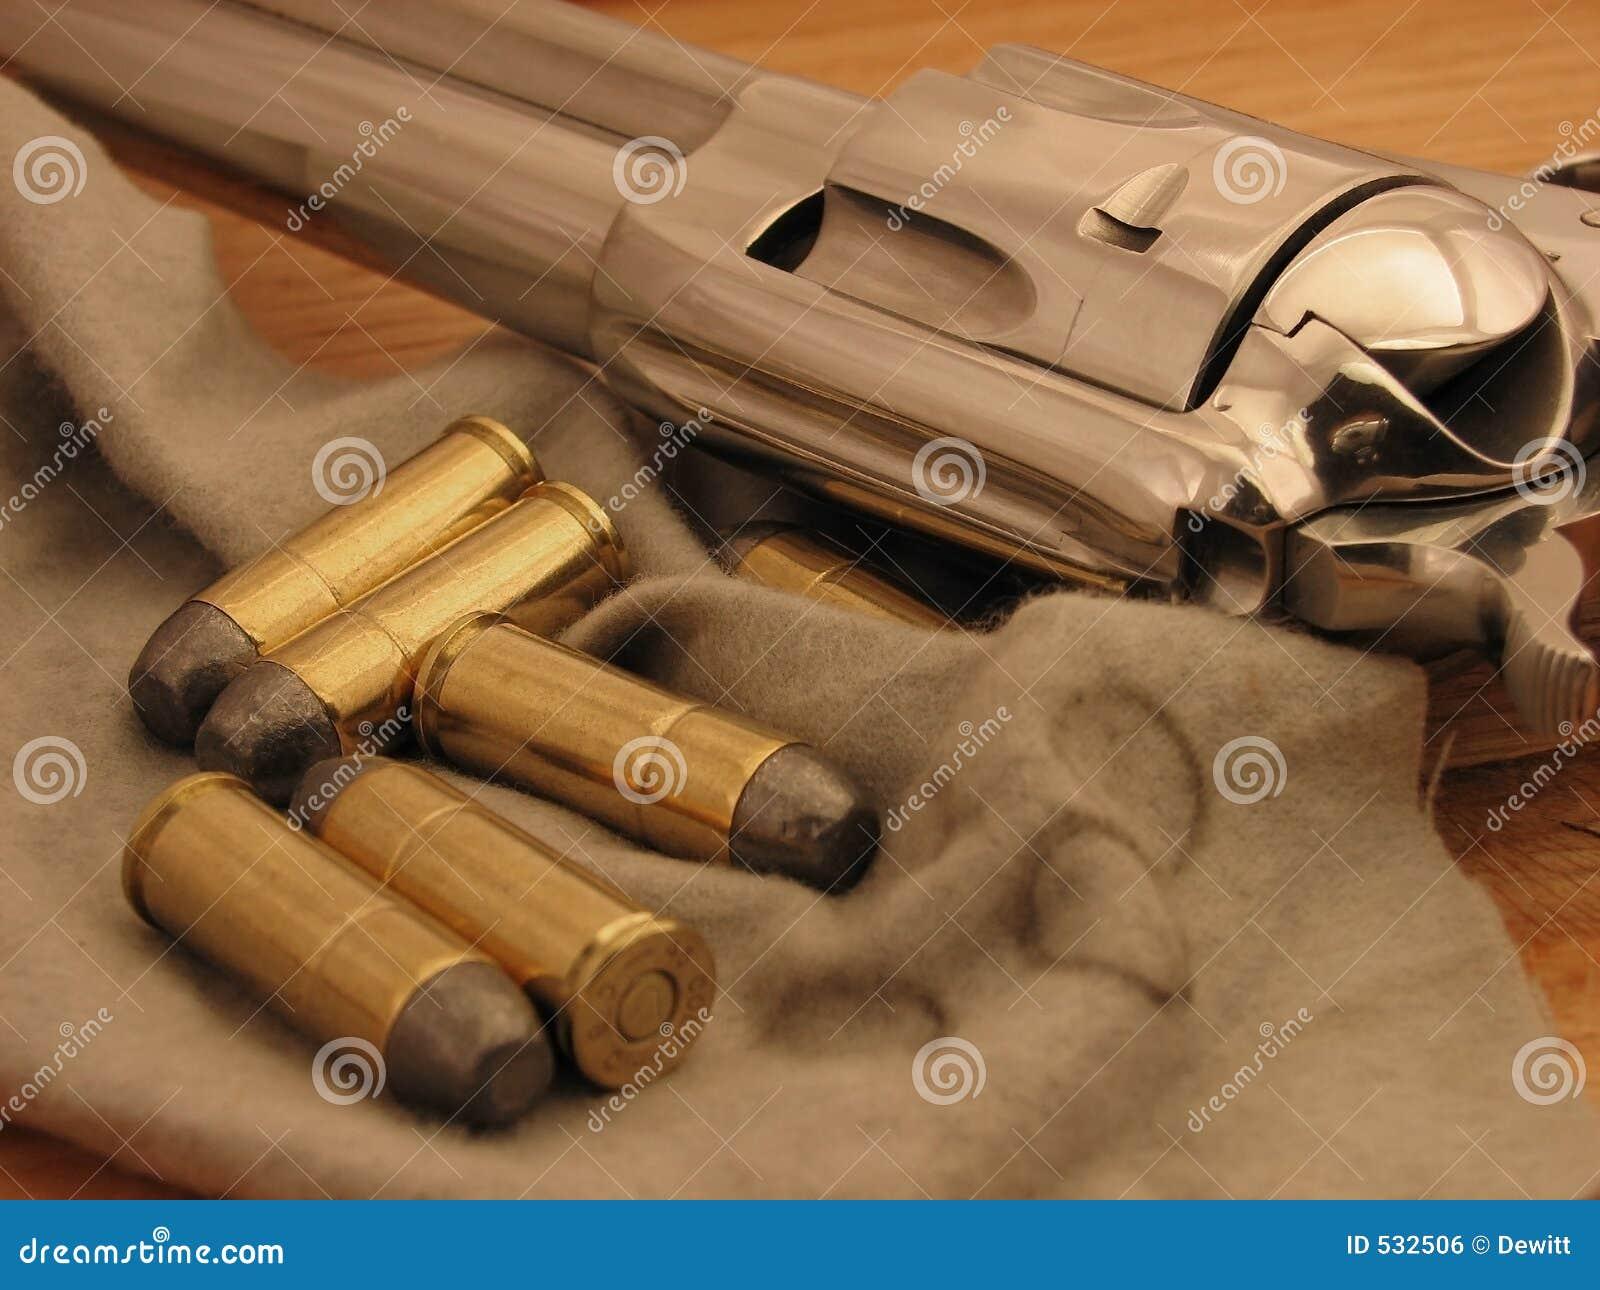 Download 牛仔射击 库存照片. 图片 包括有 唯一, 重新载入, 弹药, 牛仔, 马驹, 负荷, 公告版, 武器, 清洁 - 532506